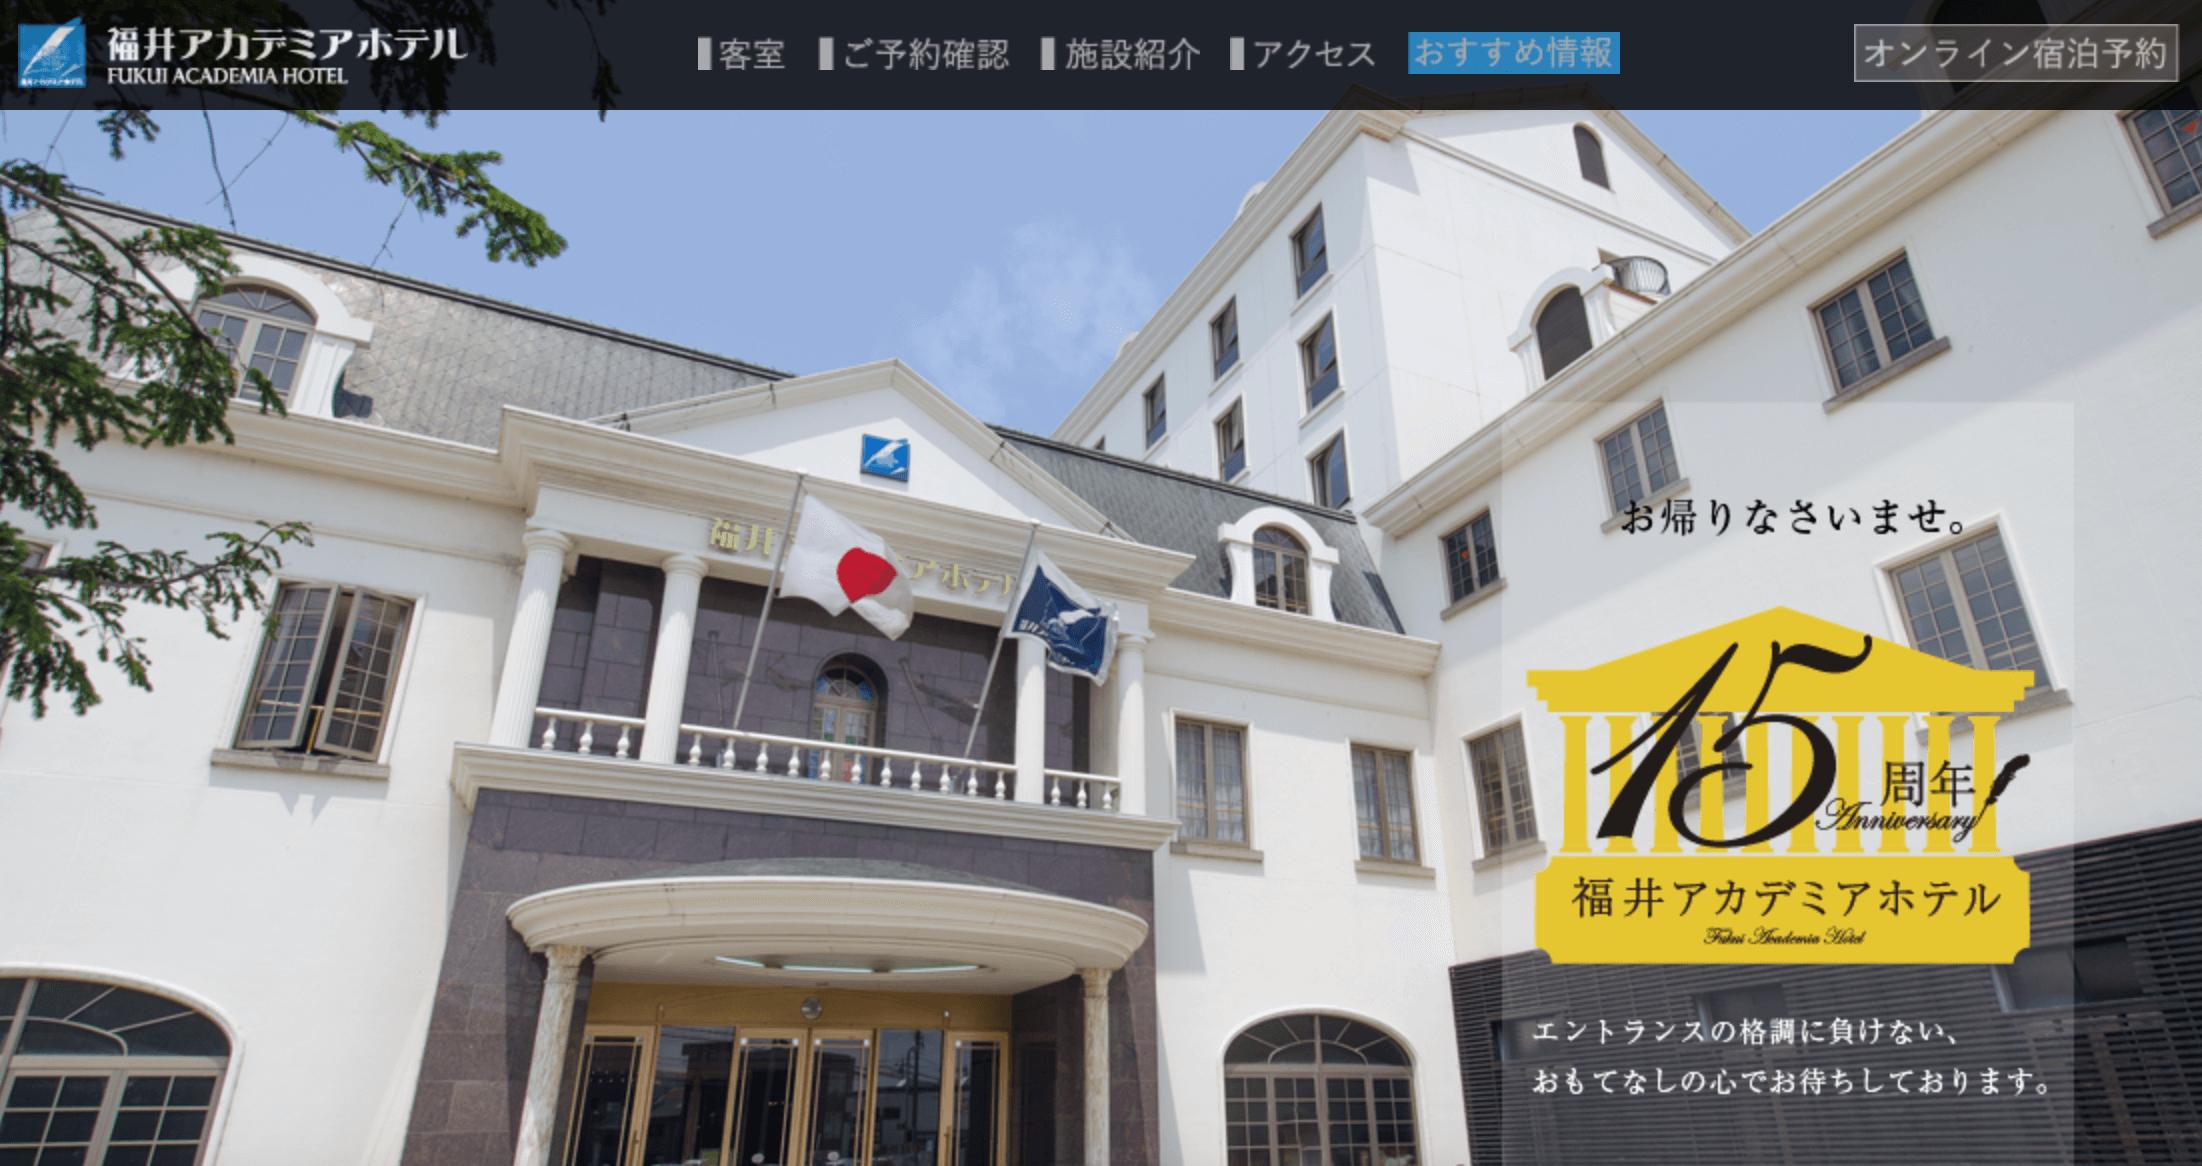 福井でパパ活におすすめなホテル「福井アカデミアホテル」